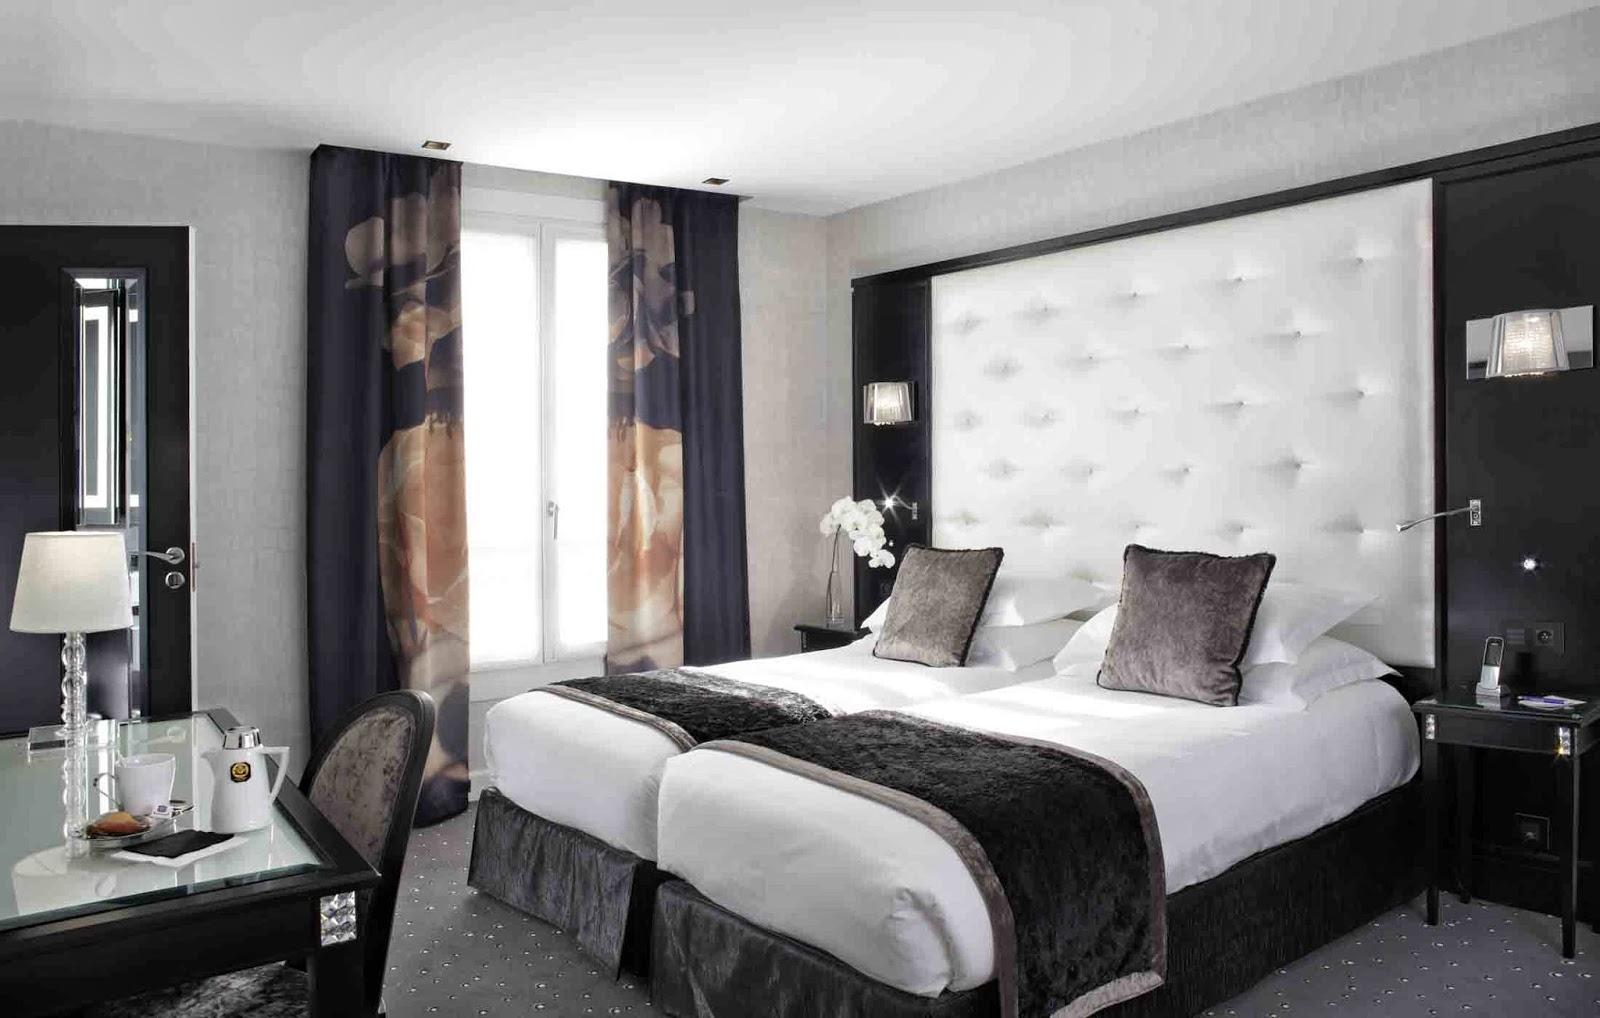 Decoration une chambre a coucher - Decoration des chambre a coucher ...